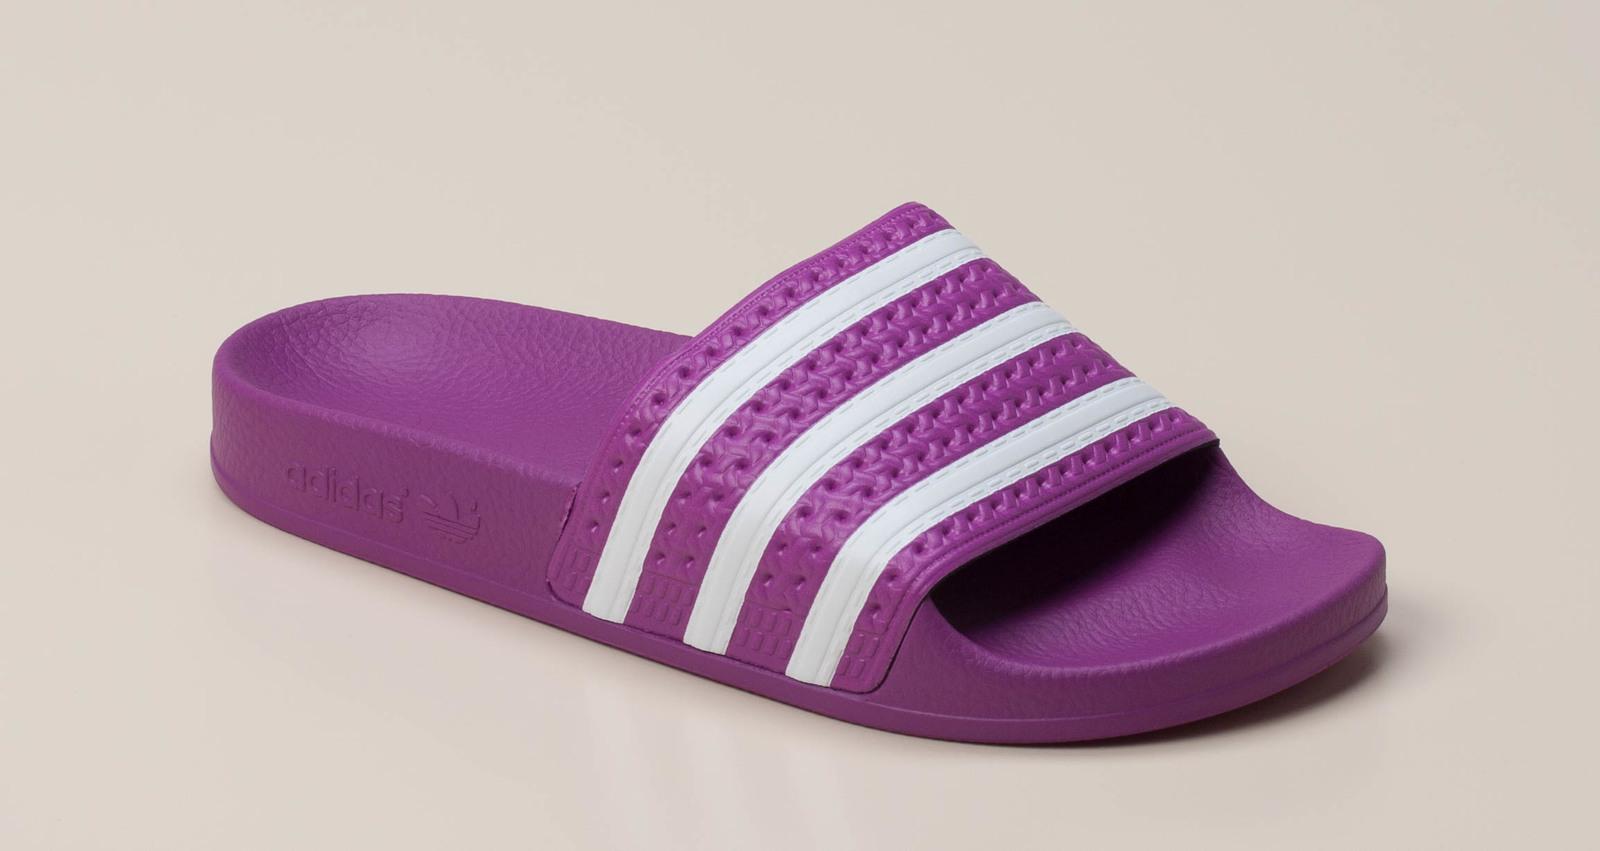 Adidas Damen Badepantolette in viola kaufen   Zumnorde Online-Shop afe0198a9b